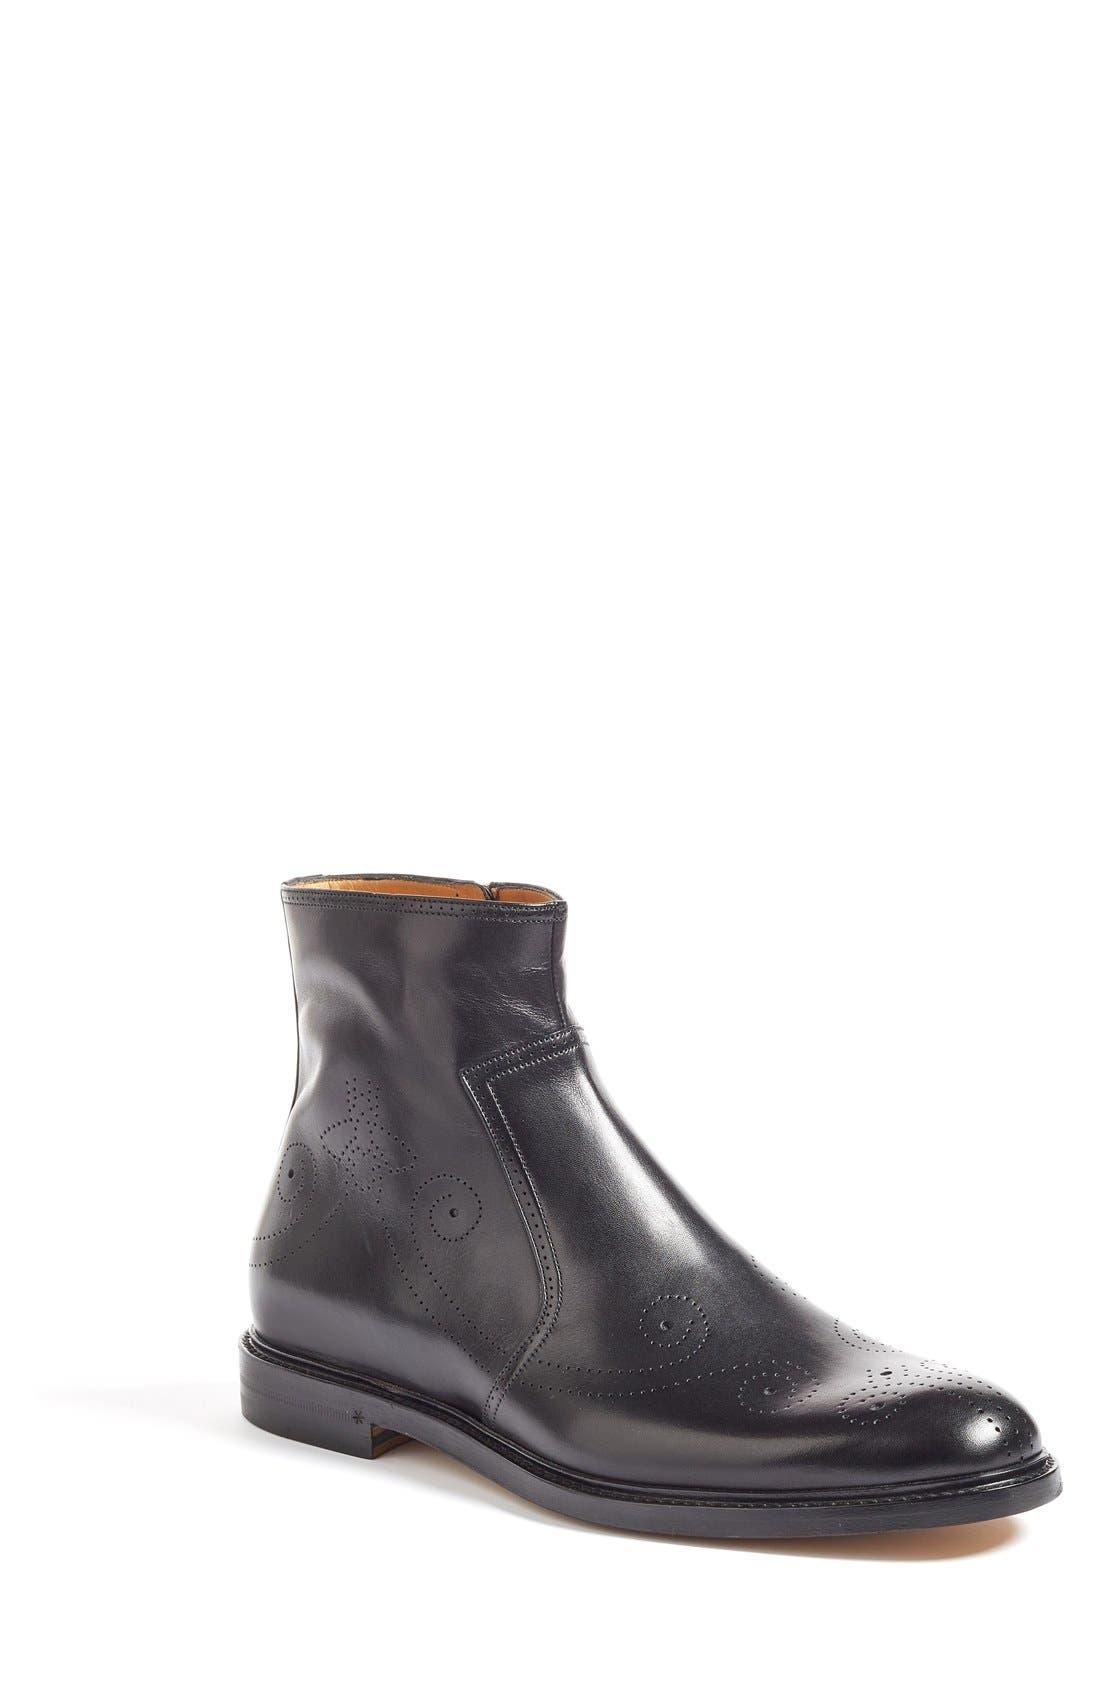 Alternate Image 1 Selected - Gucci Zip Boot (Men)